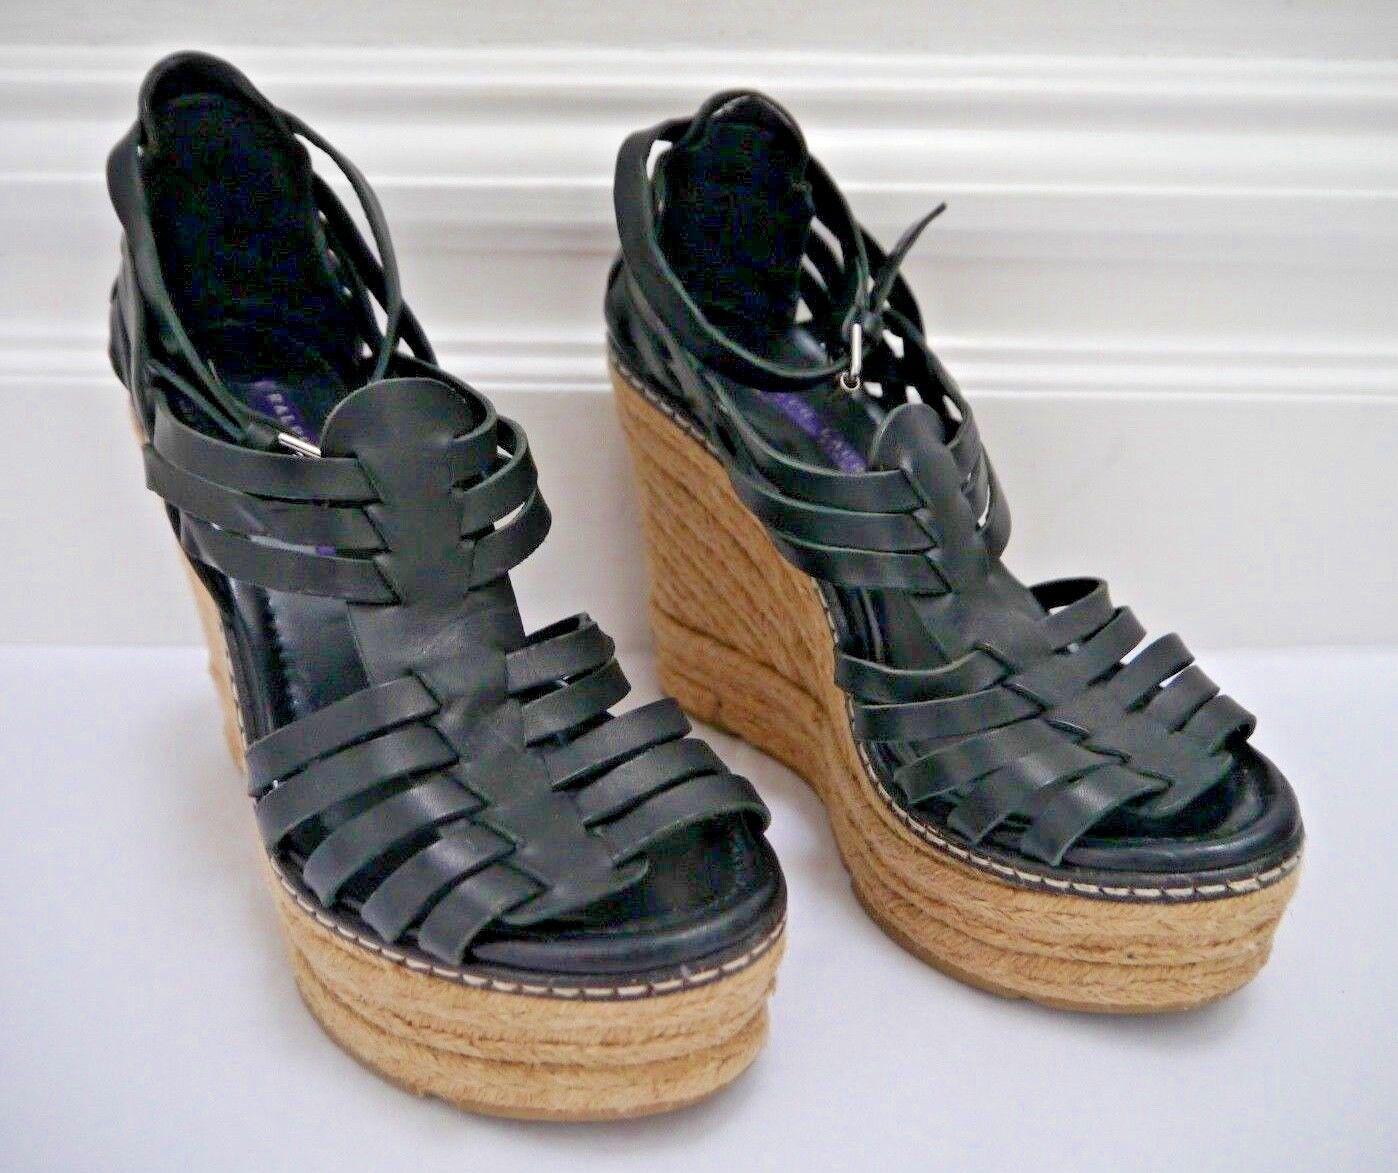 spedizione veloce e miglior servizio RALPH LAUREN COLLECTION viola Label nero leather espadrille wedge wedge wedge sandals 7  nuovo sadico